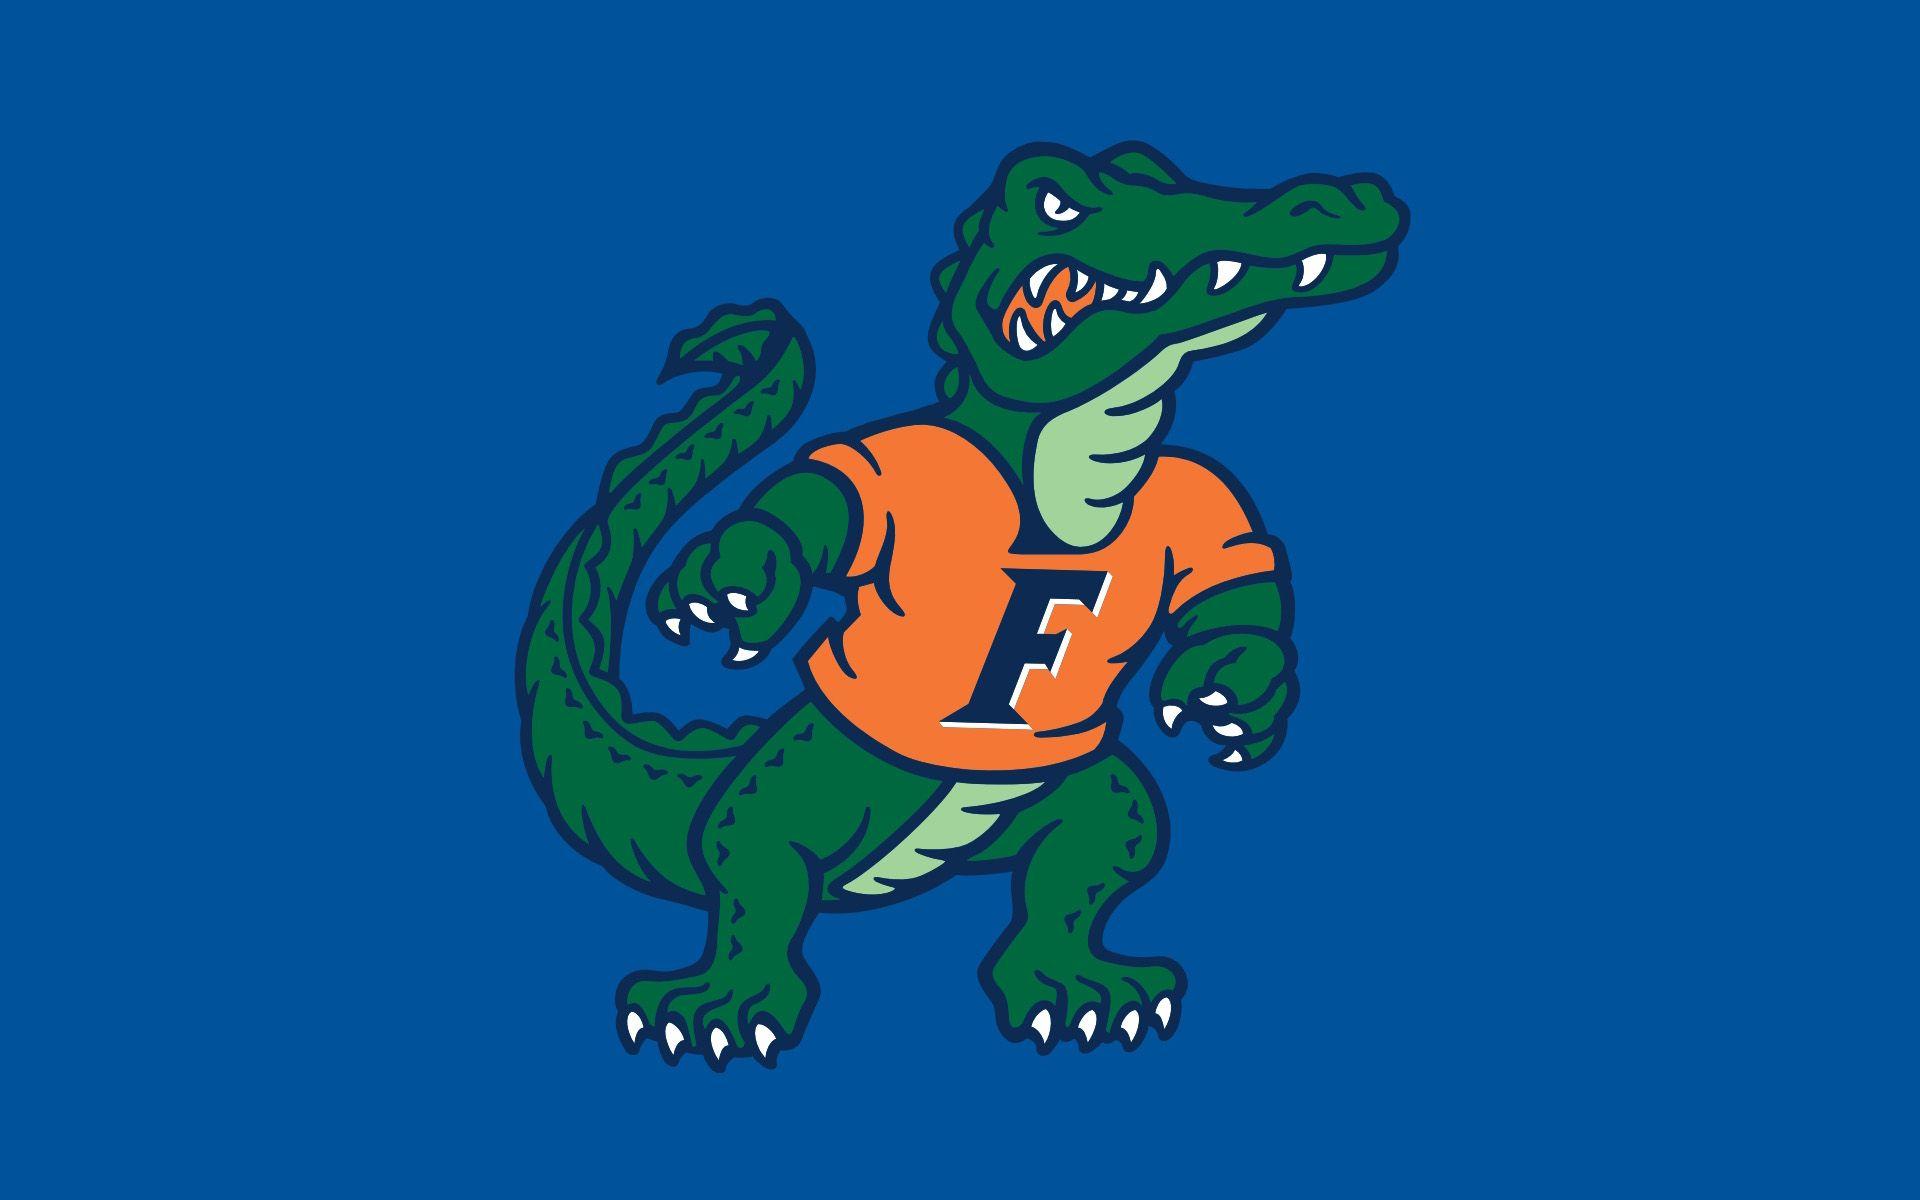 Free Florida Gator Wallpaper Florida Gators Logo Florida Gators Football Florida Gators Wallpaper